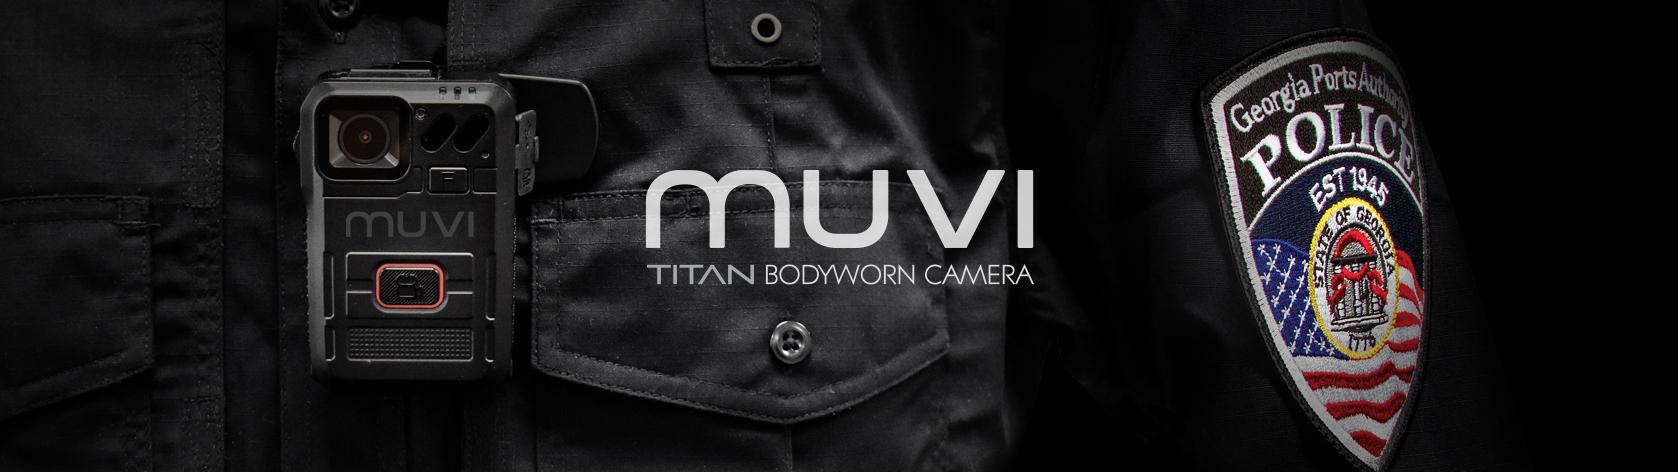 HD Bodyworn Handsfree Cameras